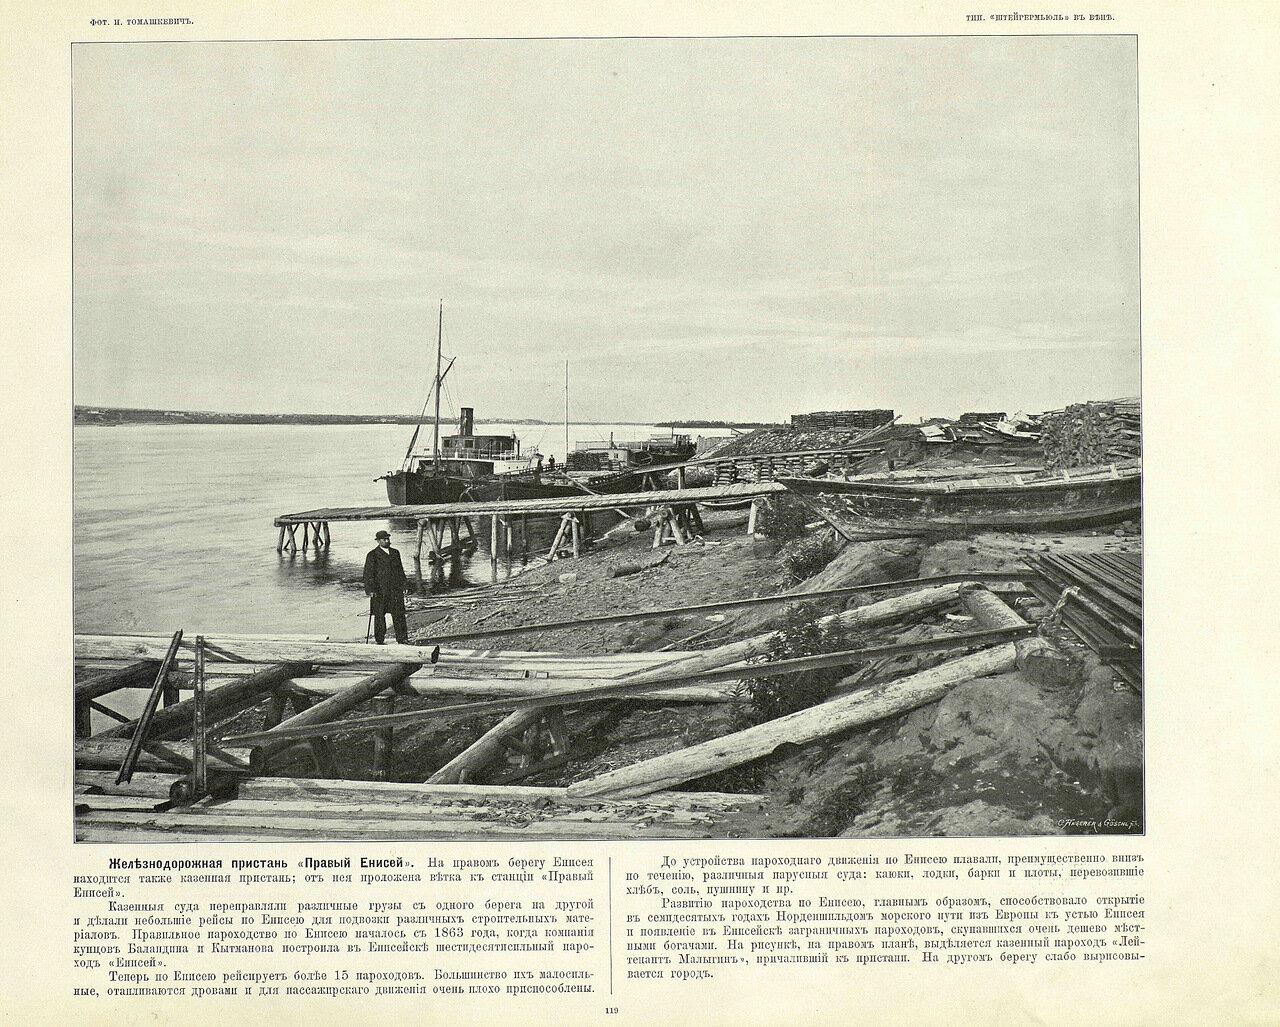 119. Железнодорожная пристань «Правый Енисей»